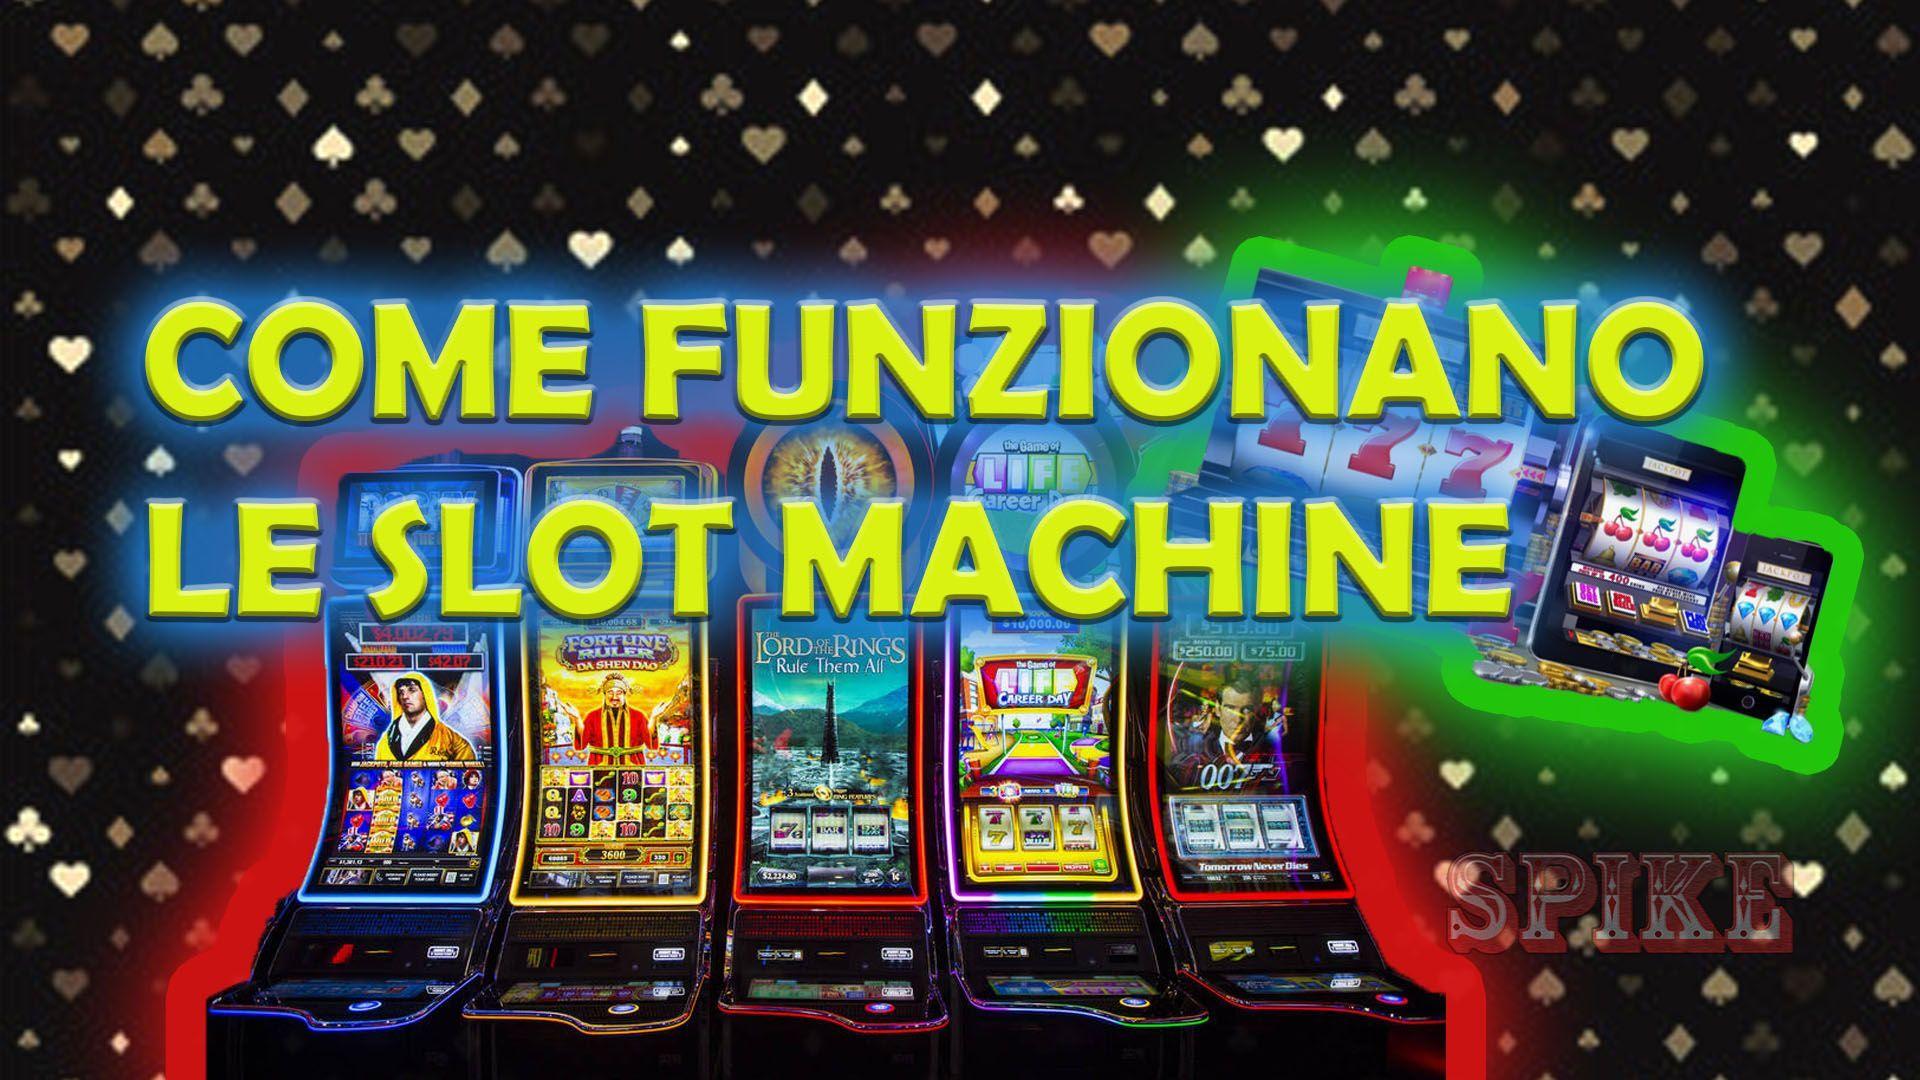 Logo Articolo Come Funzionano Le Slot Machine